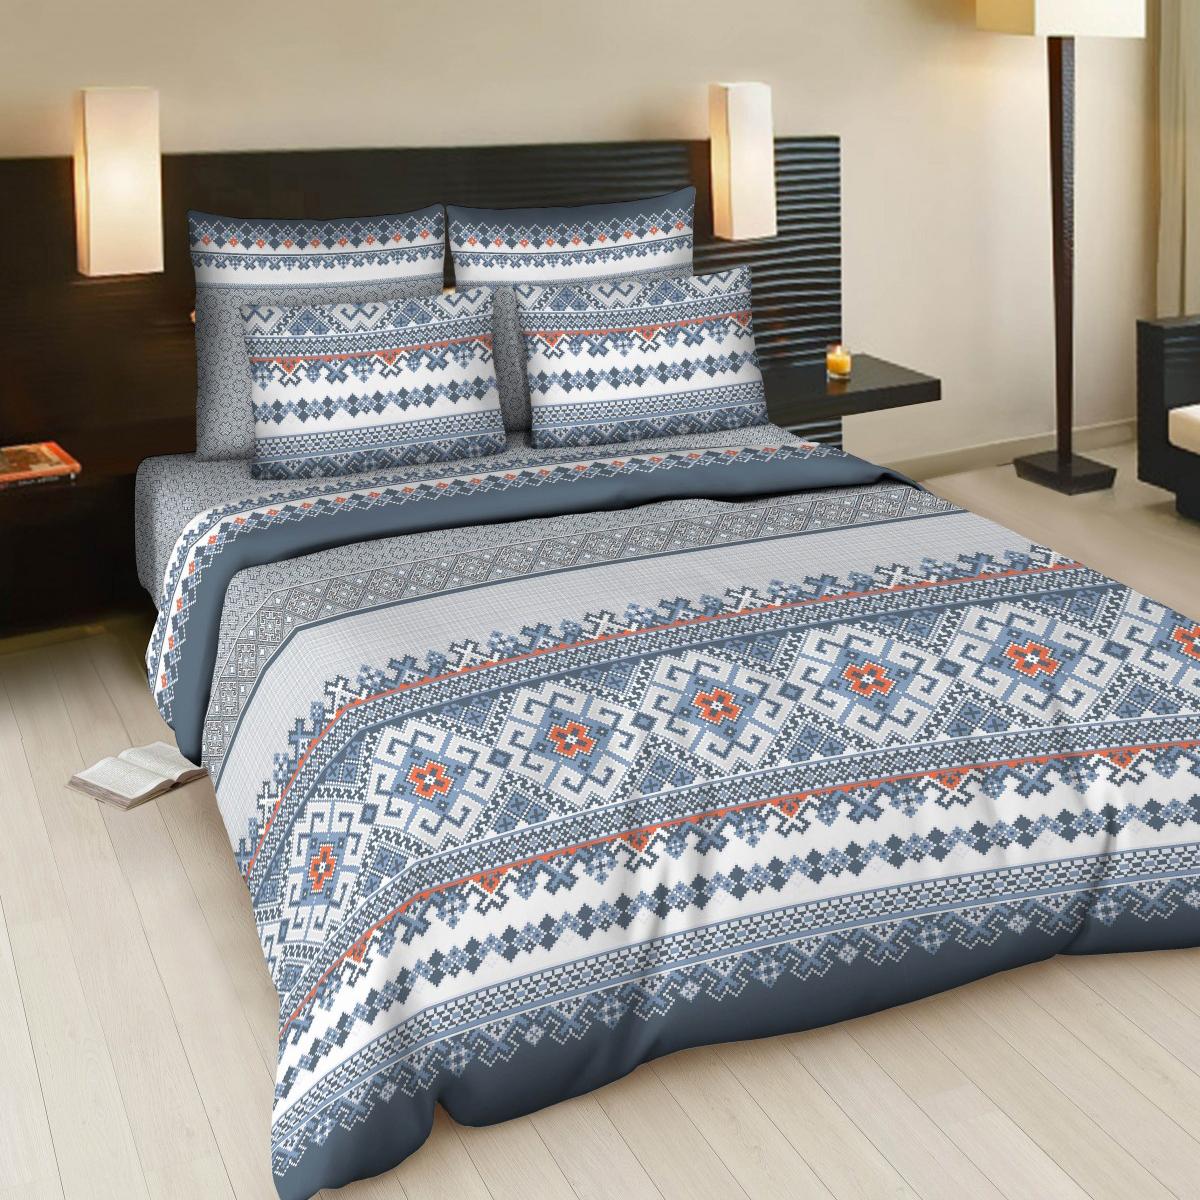 Комплект белья Letto Народные узоры, 2-спальный, наволочки 70х70, цвет: синий, белый комплект белья letto дуэт семейный наволочки 70х70 цвет голубой b33 7